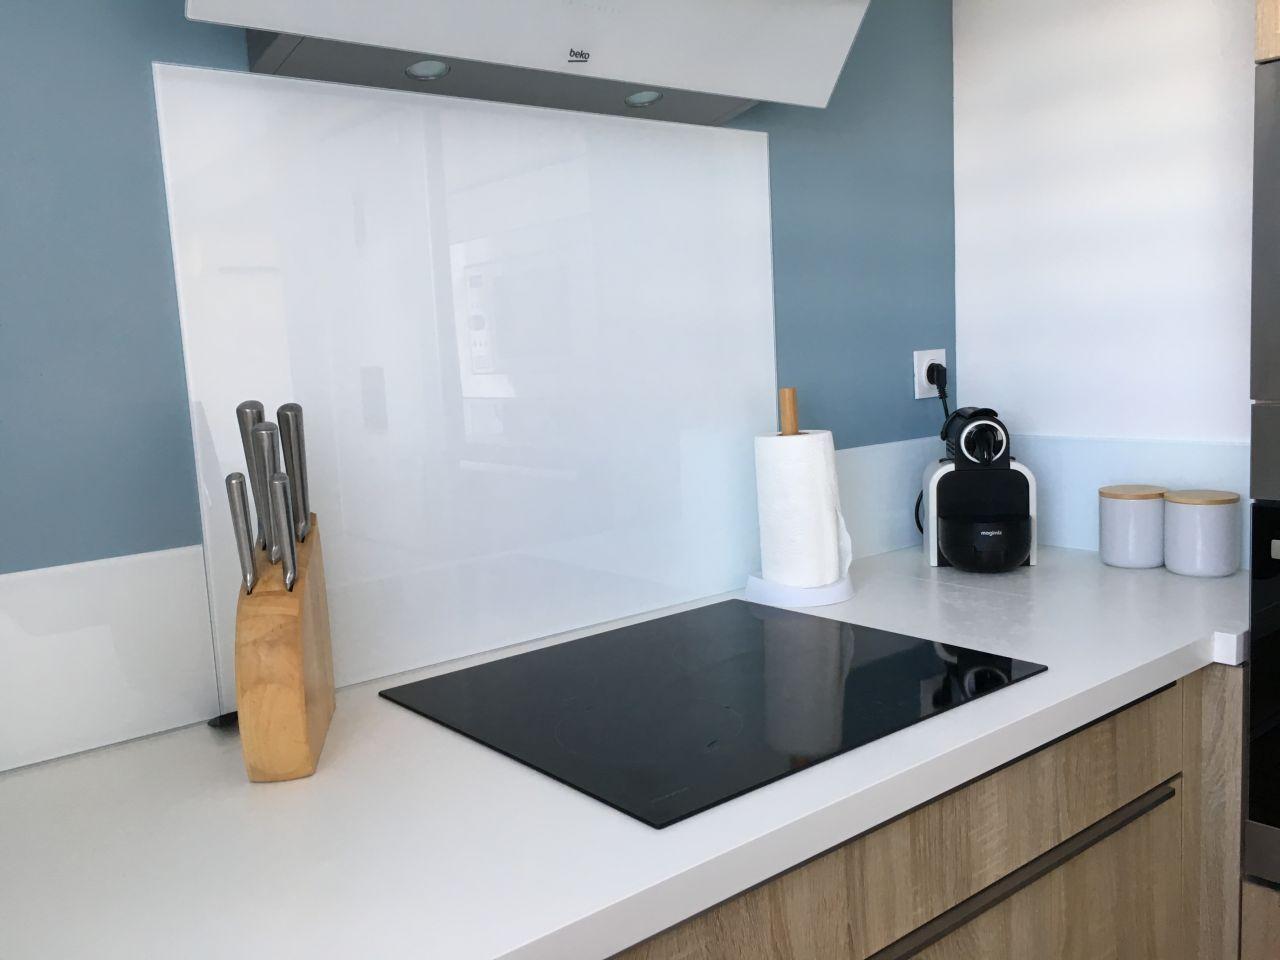 Installer Une Credence En Verre relookez votre cuisine en y ajoutant une crédence - queneau